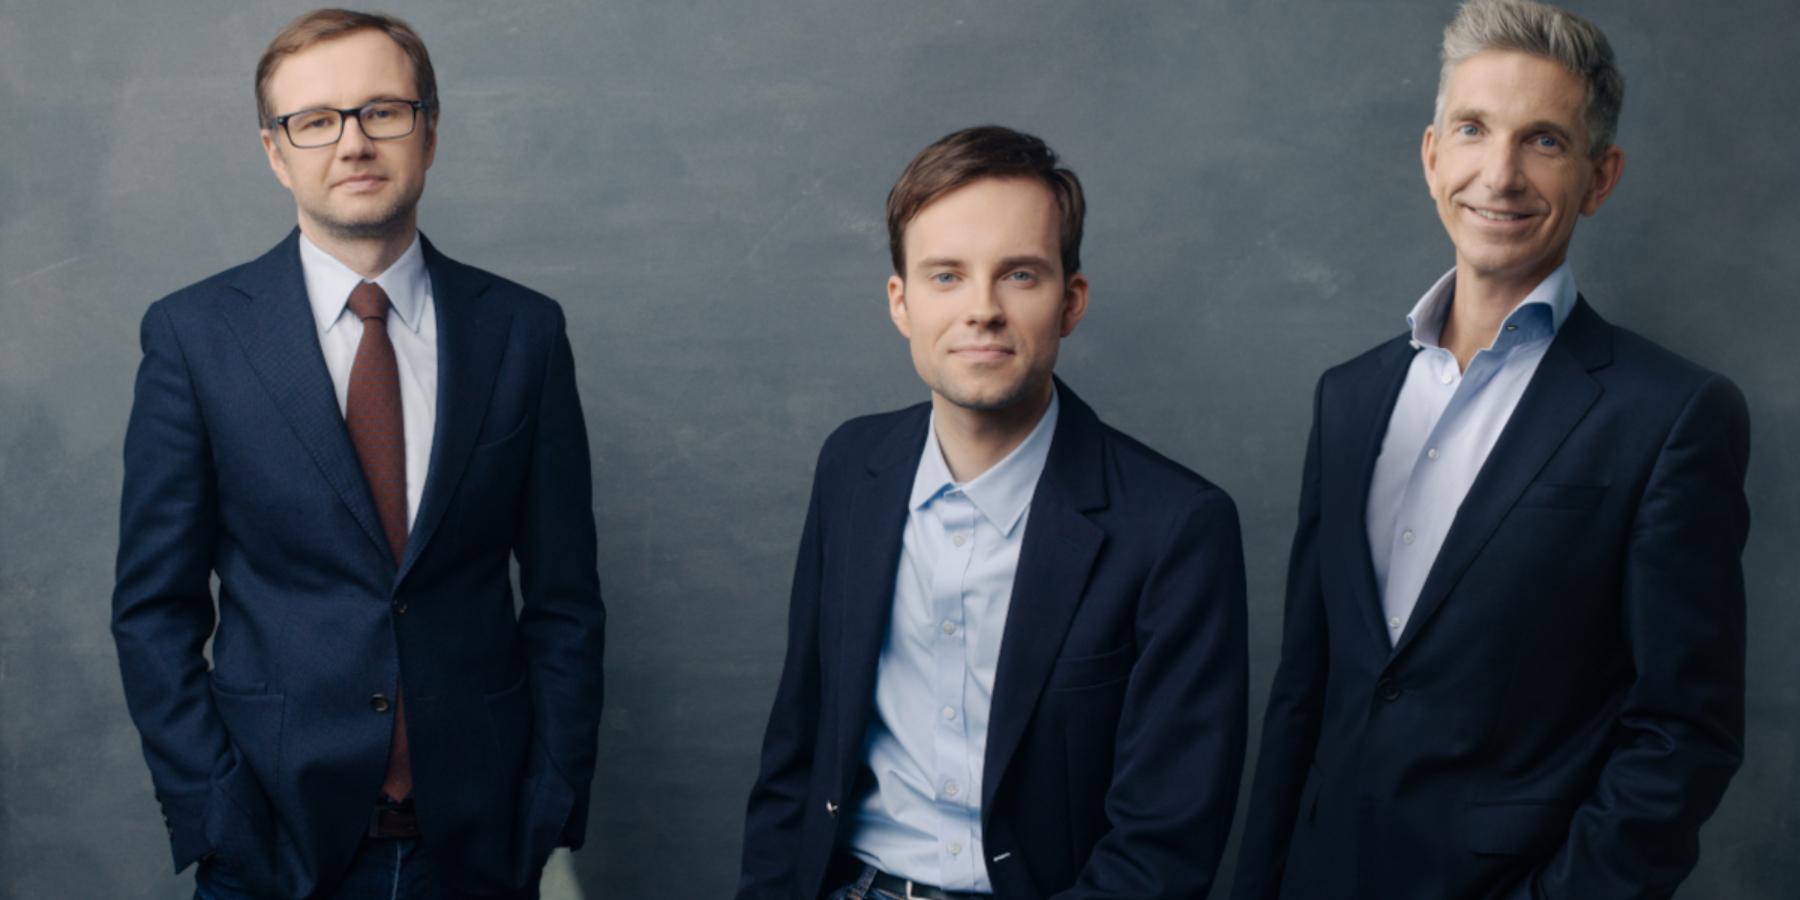 Genomtec – polska firma technologiczna wprowadza pierwszy naświecie test genetyczny nakoronawirusa